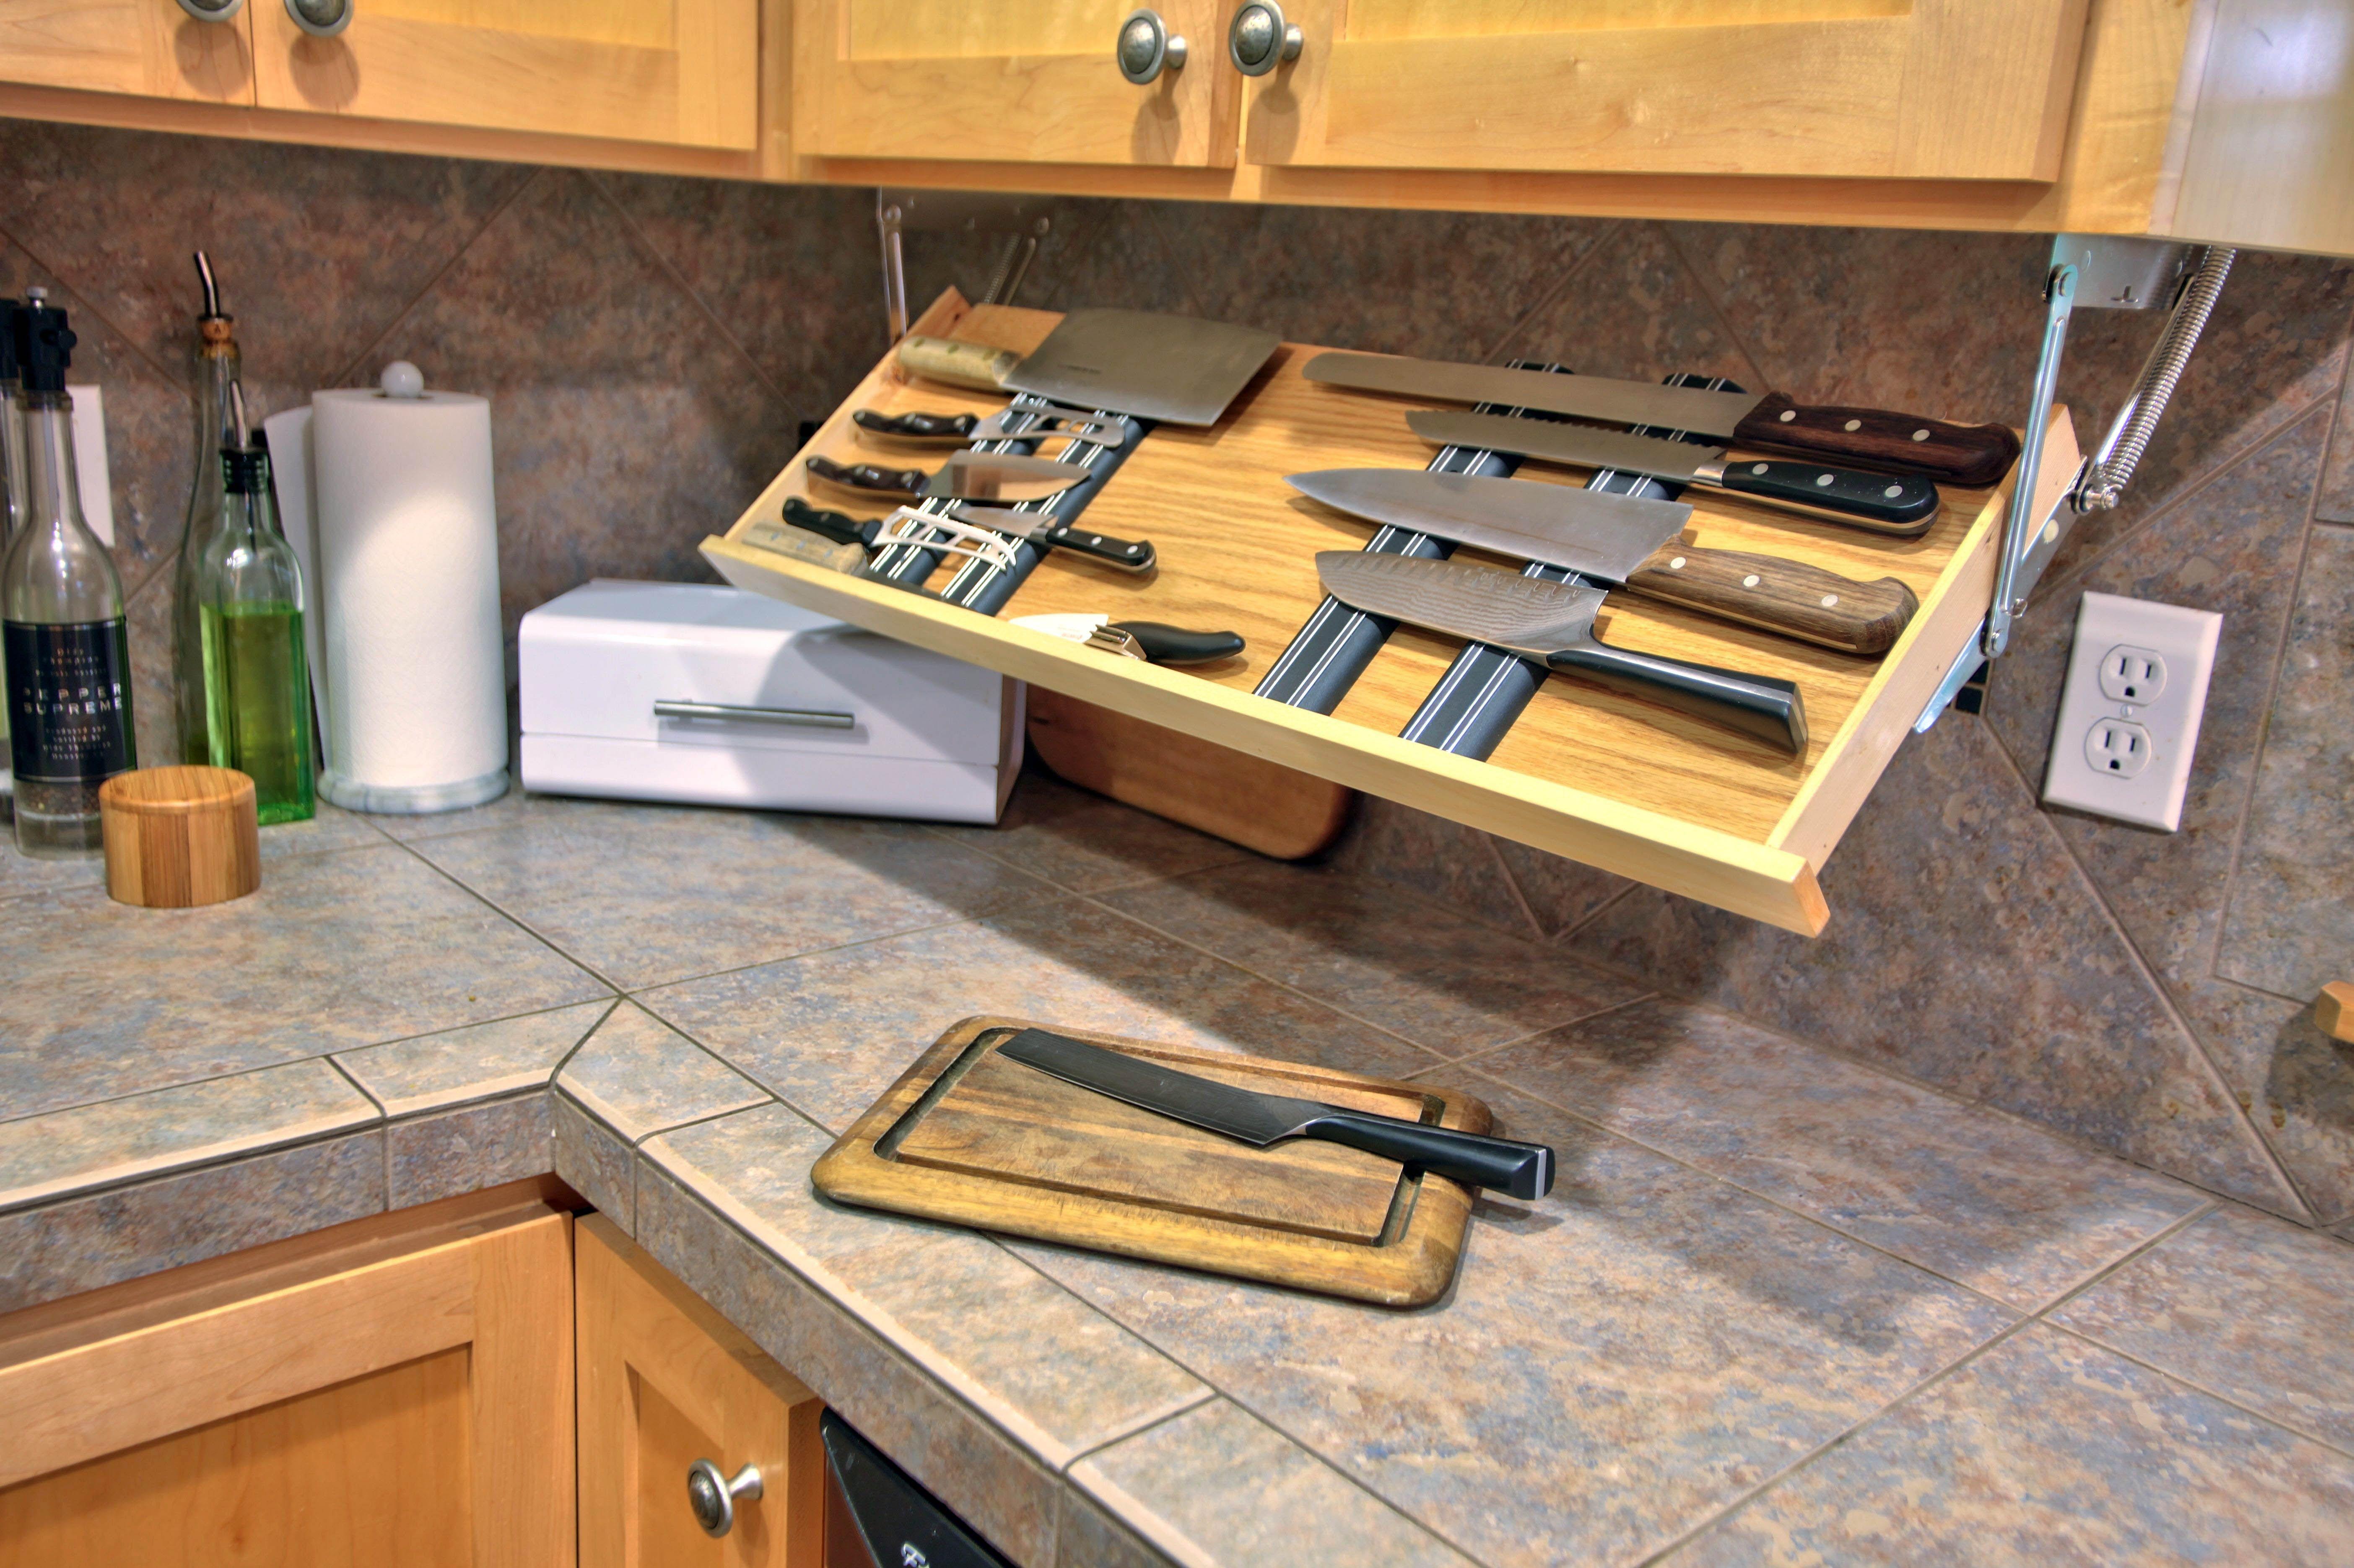 Cute Kitchen Storage Ideas Larder For 2019 007 Residential Design